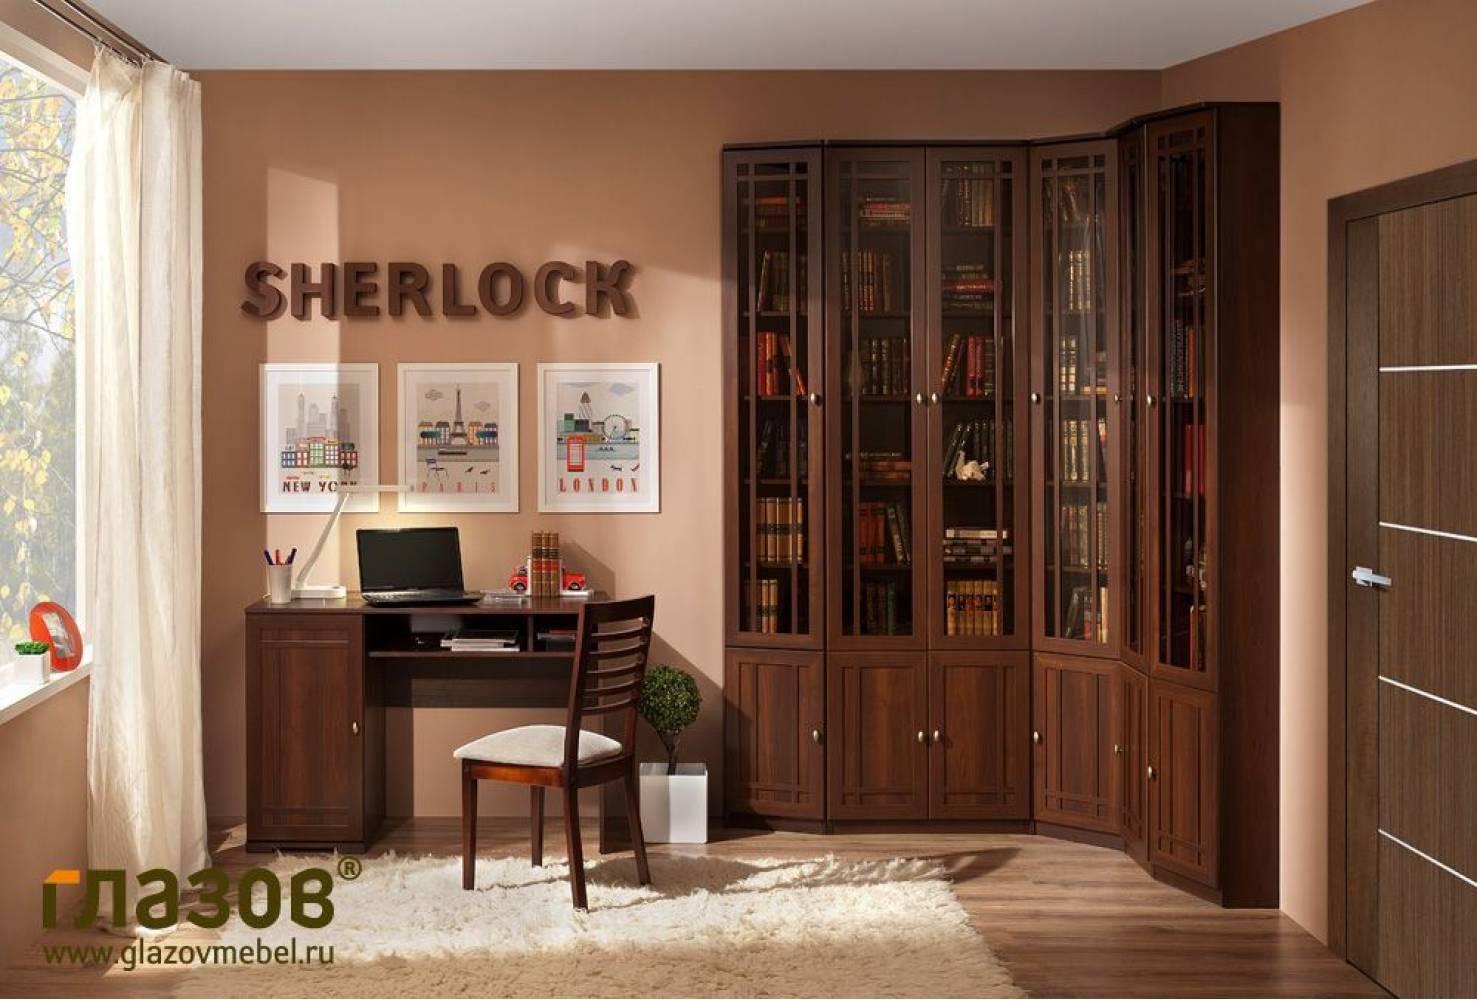 Библиотека Sherlock (Шерлок). Компоновка 1